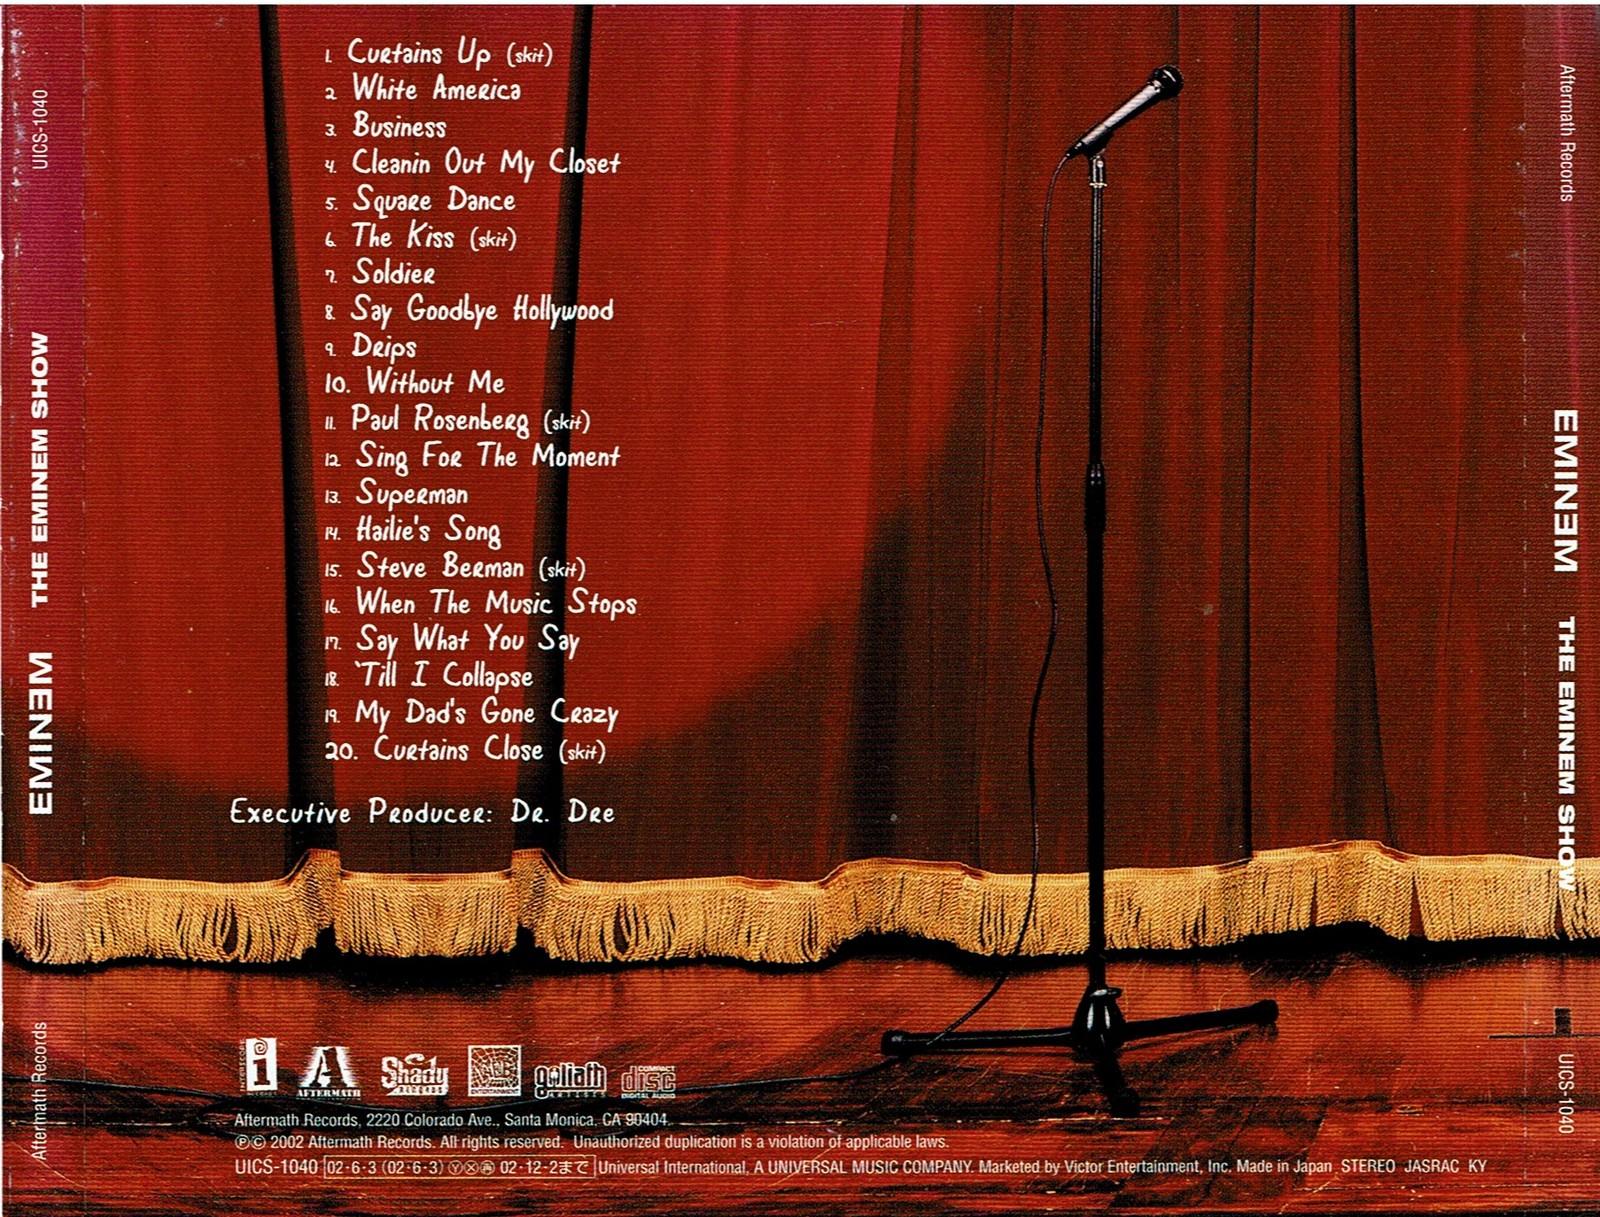 Eminem - The Eminem Show [Explicit] (Audio CD 2002)